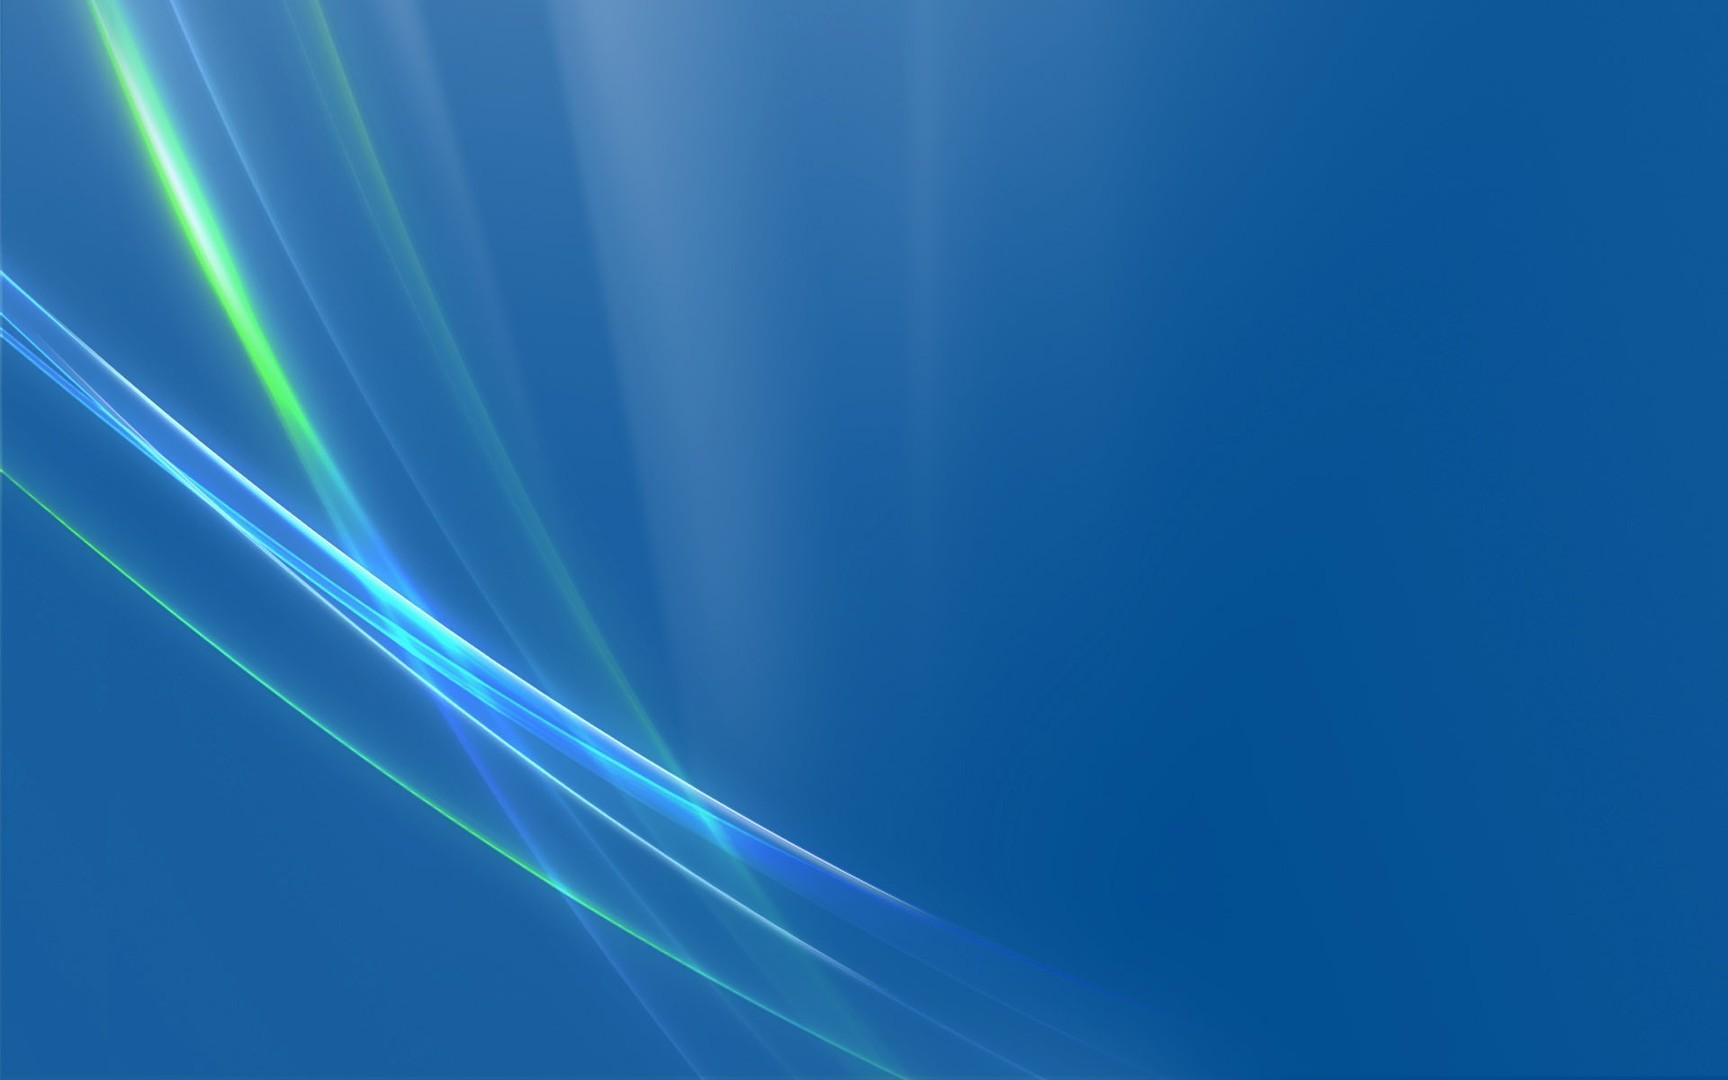 Fondo con lineas azules - 1728x1080